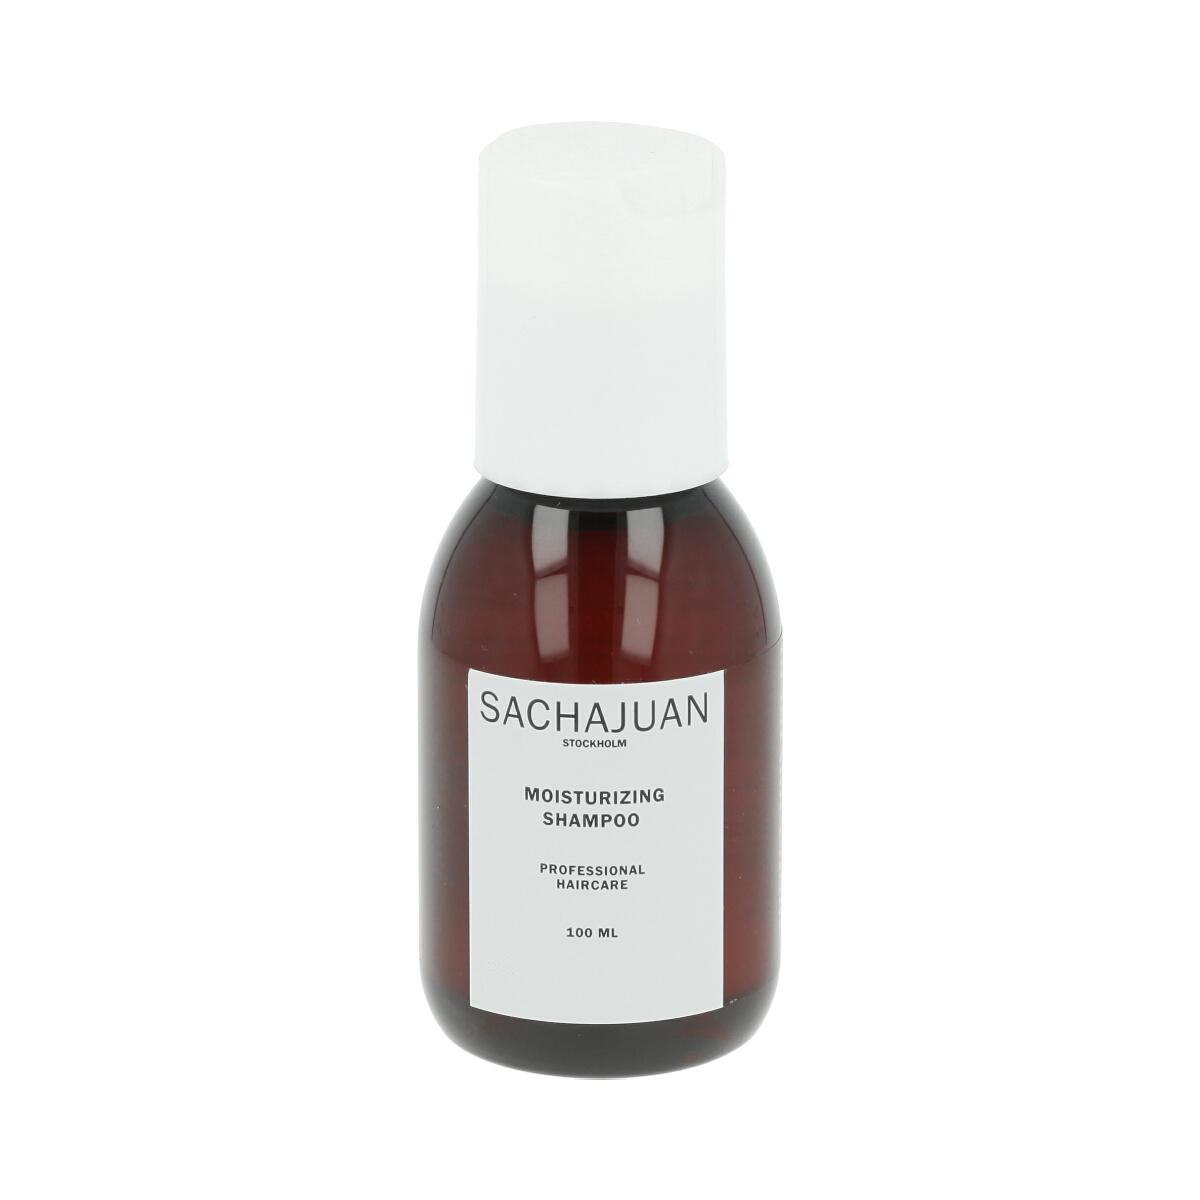 Sachajuan Moisturizing Shampoo 100 ml 20510